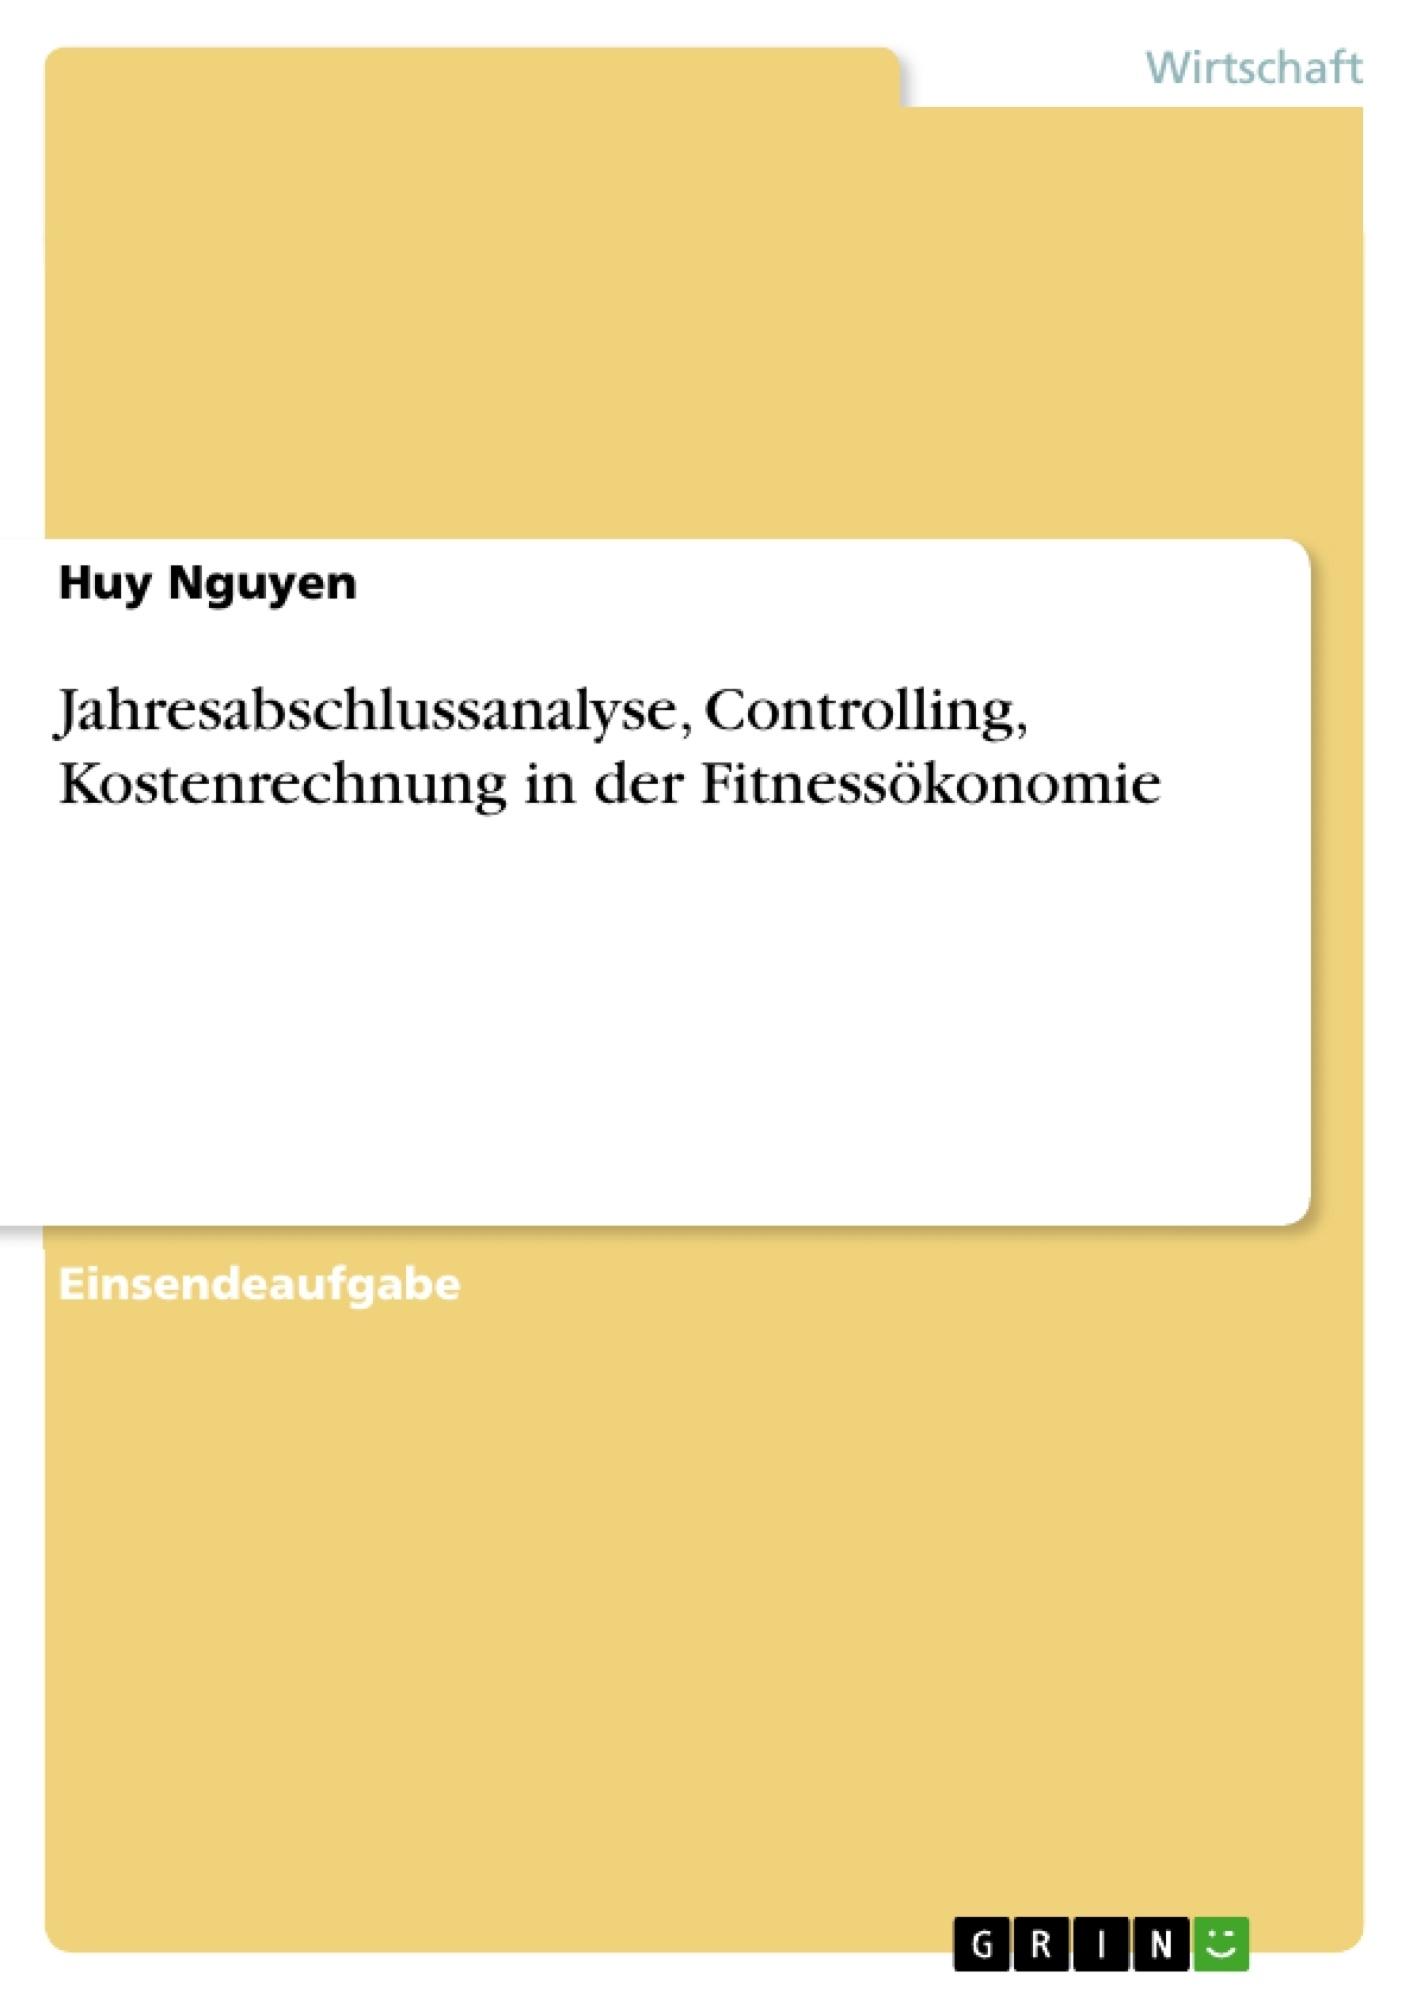 Titel: Jahresabschlussanalyse, Controlling, Kostenrechnung in der Fitnessökonomie